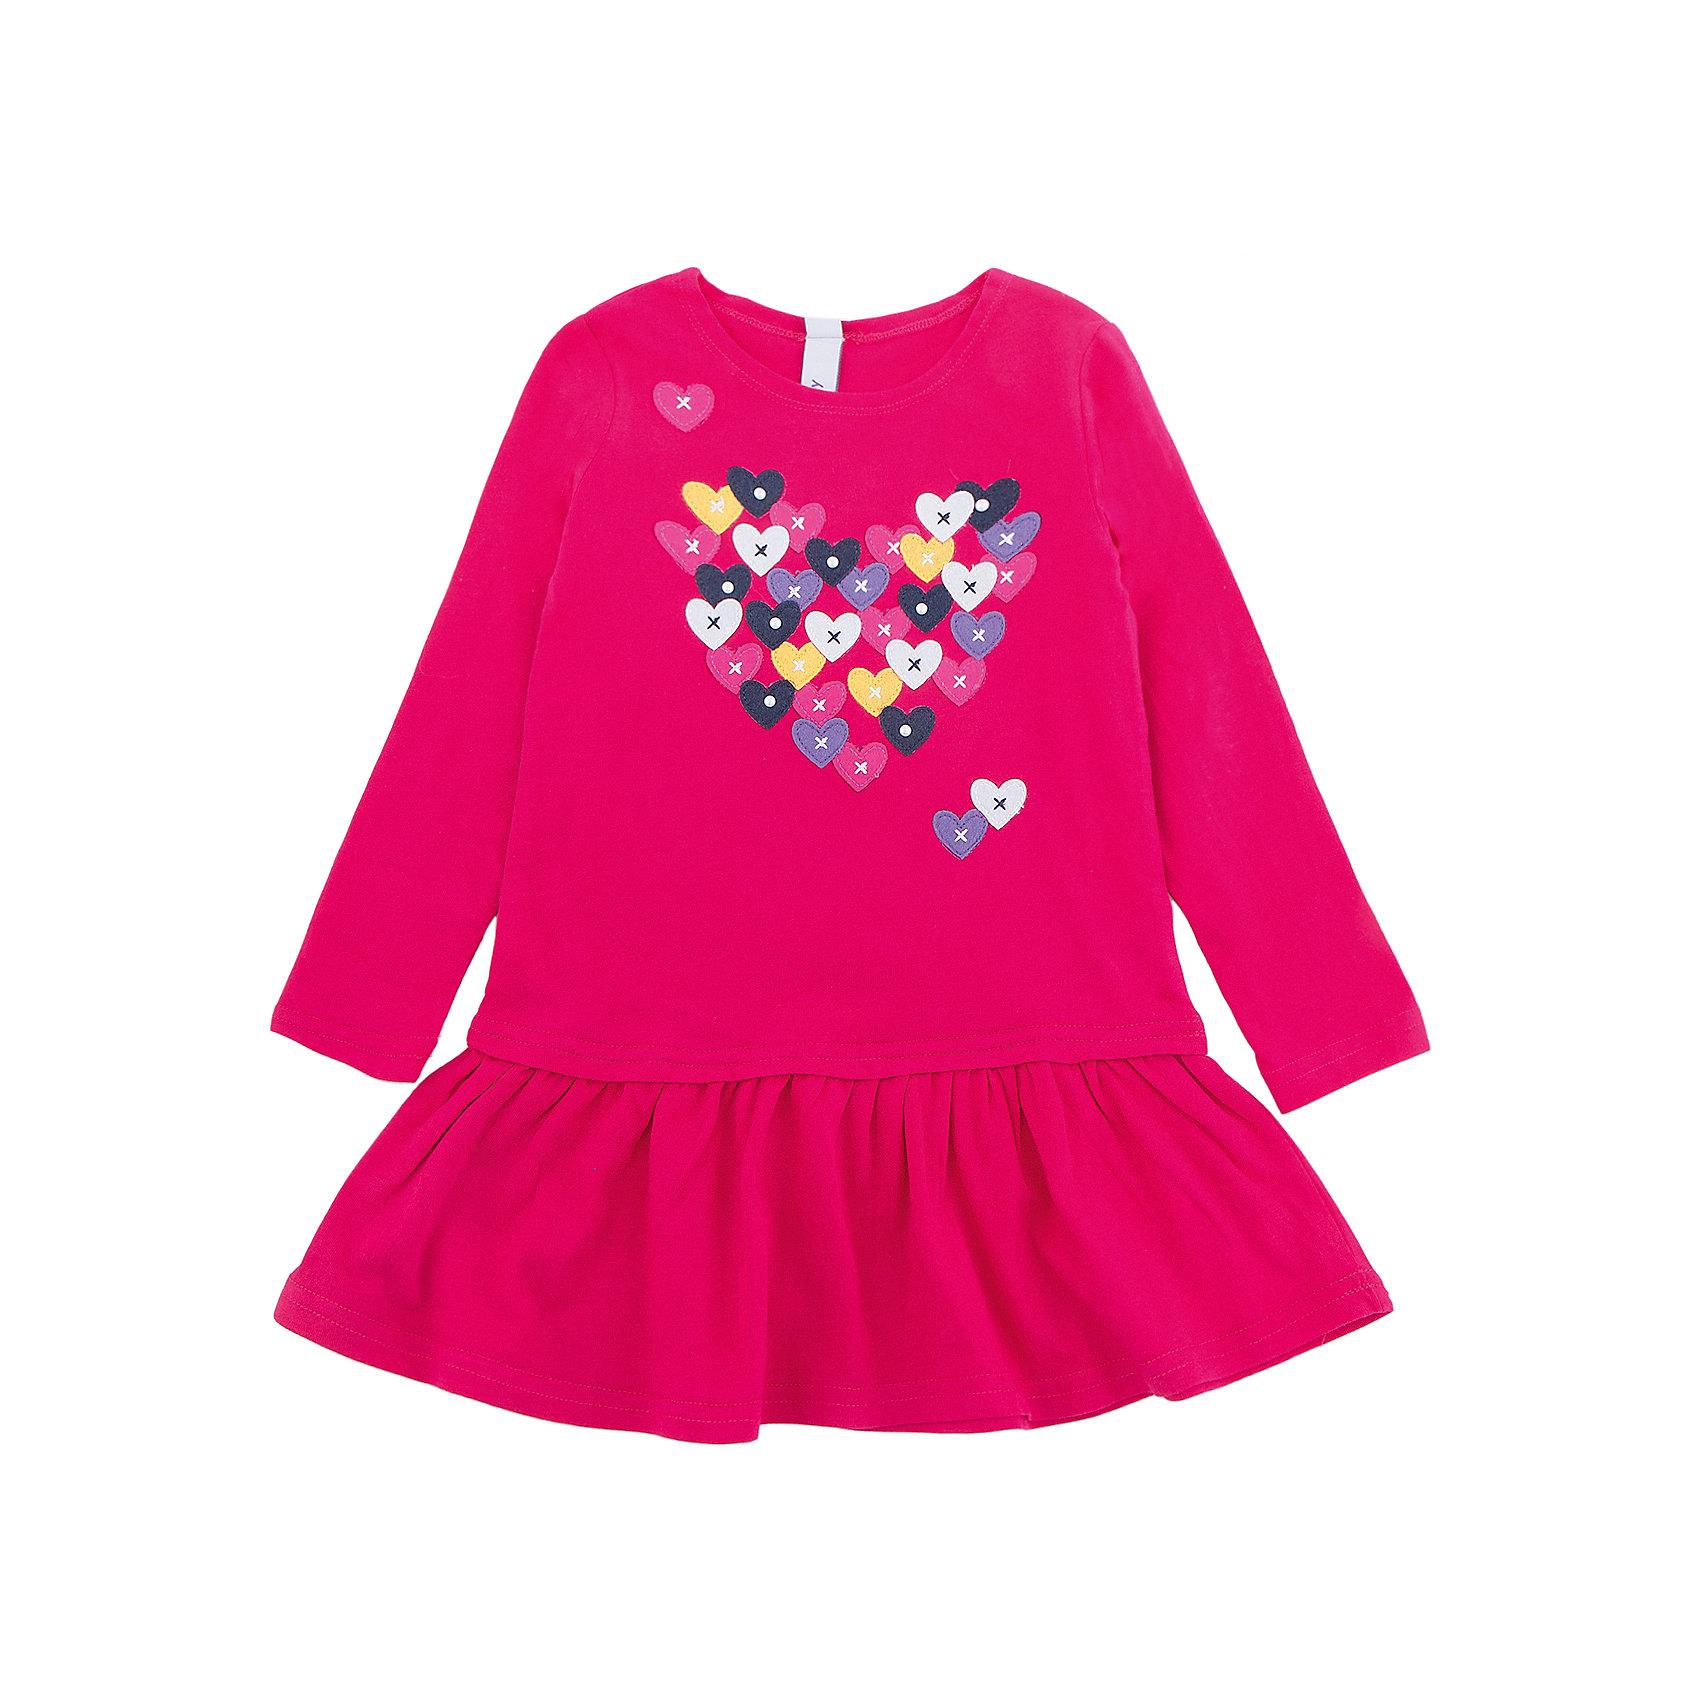 Платье PlayToday для девочкиПлатья и сарафаны<br>Платье PlayToday для девочки<br>Классическое платье - отличное решение для повседневного гардероба. Модель с округлым вырезом и заниженной юбкой, декорирована принтом. Натуральный материал не вызывает раздражений. Свободный крой не сковывает движений ребенка.<br>Состав:<br>95% хлопок, 5% эластан<br><br>Ширина мм: 236<br>Глубина мм: 16<br>Высота мм: 184<br>Вес г: 177<br>Цвет: белый<br>Возраст от месяцев: 72<br>Возраст до месяцев: 84<br>Пол: Женский<br>Возраст: Детский<br>Размер: 122,128,98,104,110,116<br>SKU: 7115470